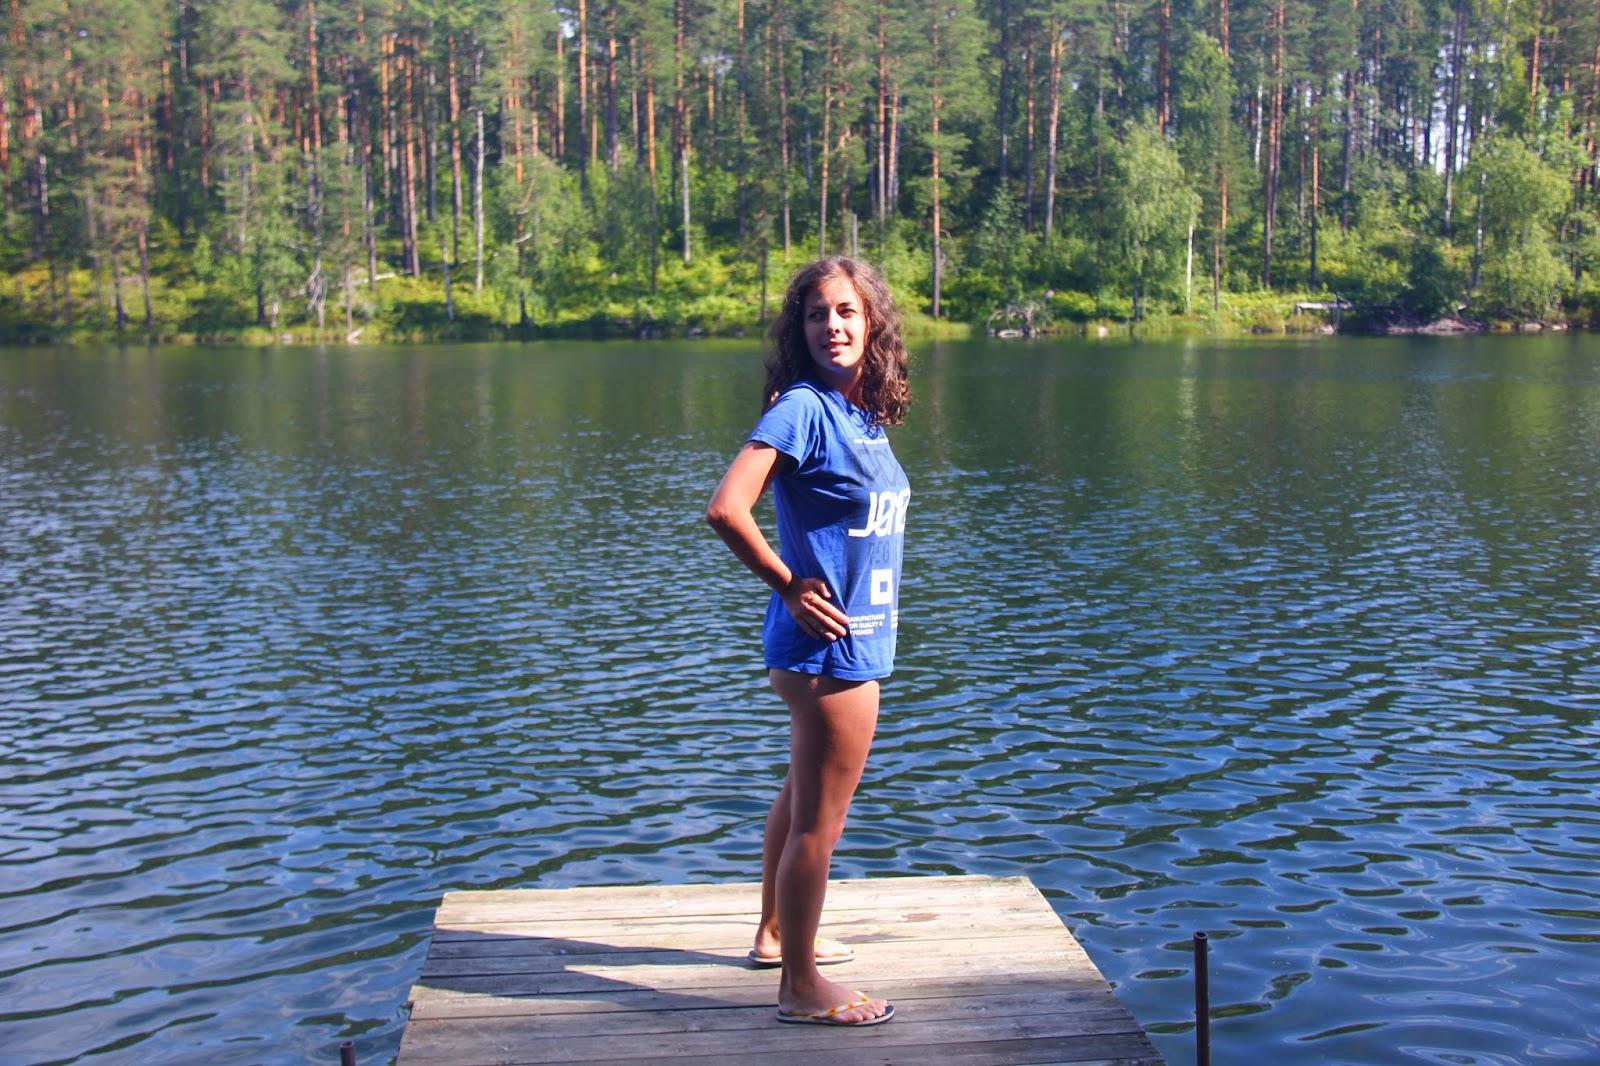 порно 24 россия разврат малолеток фото